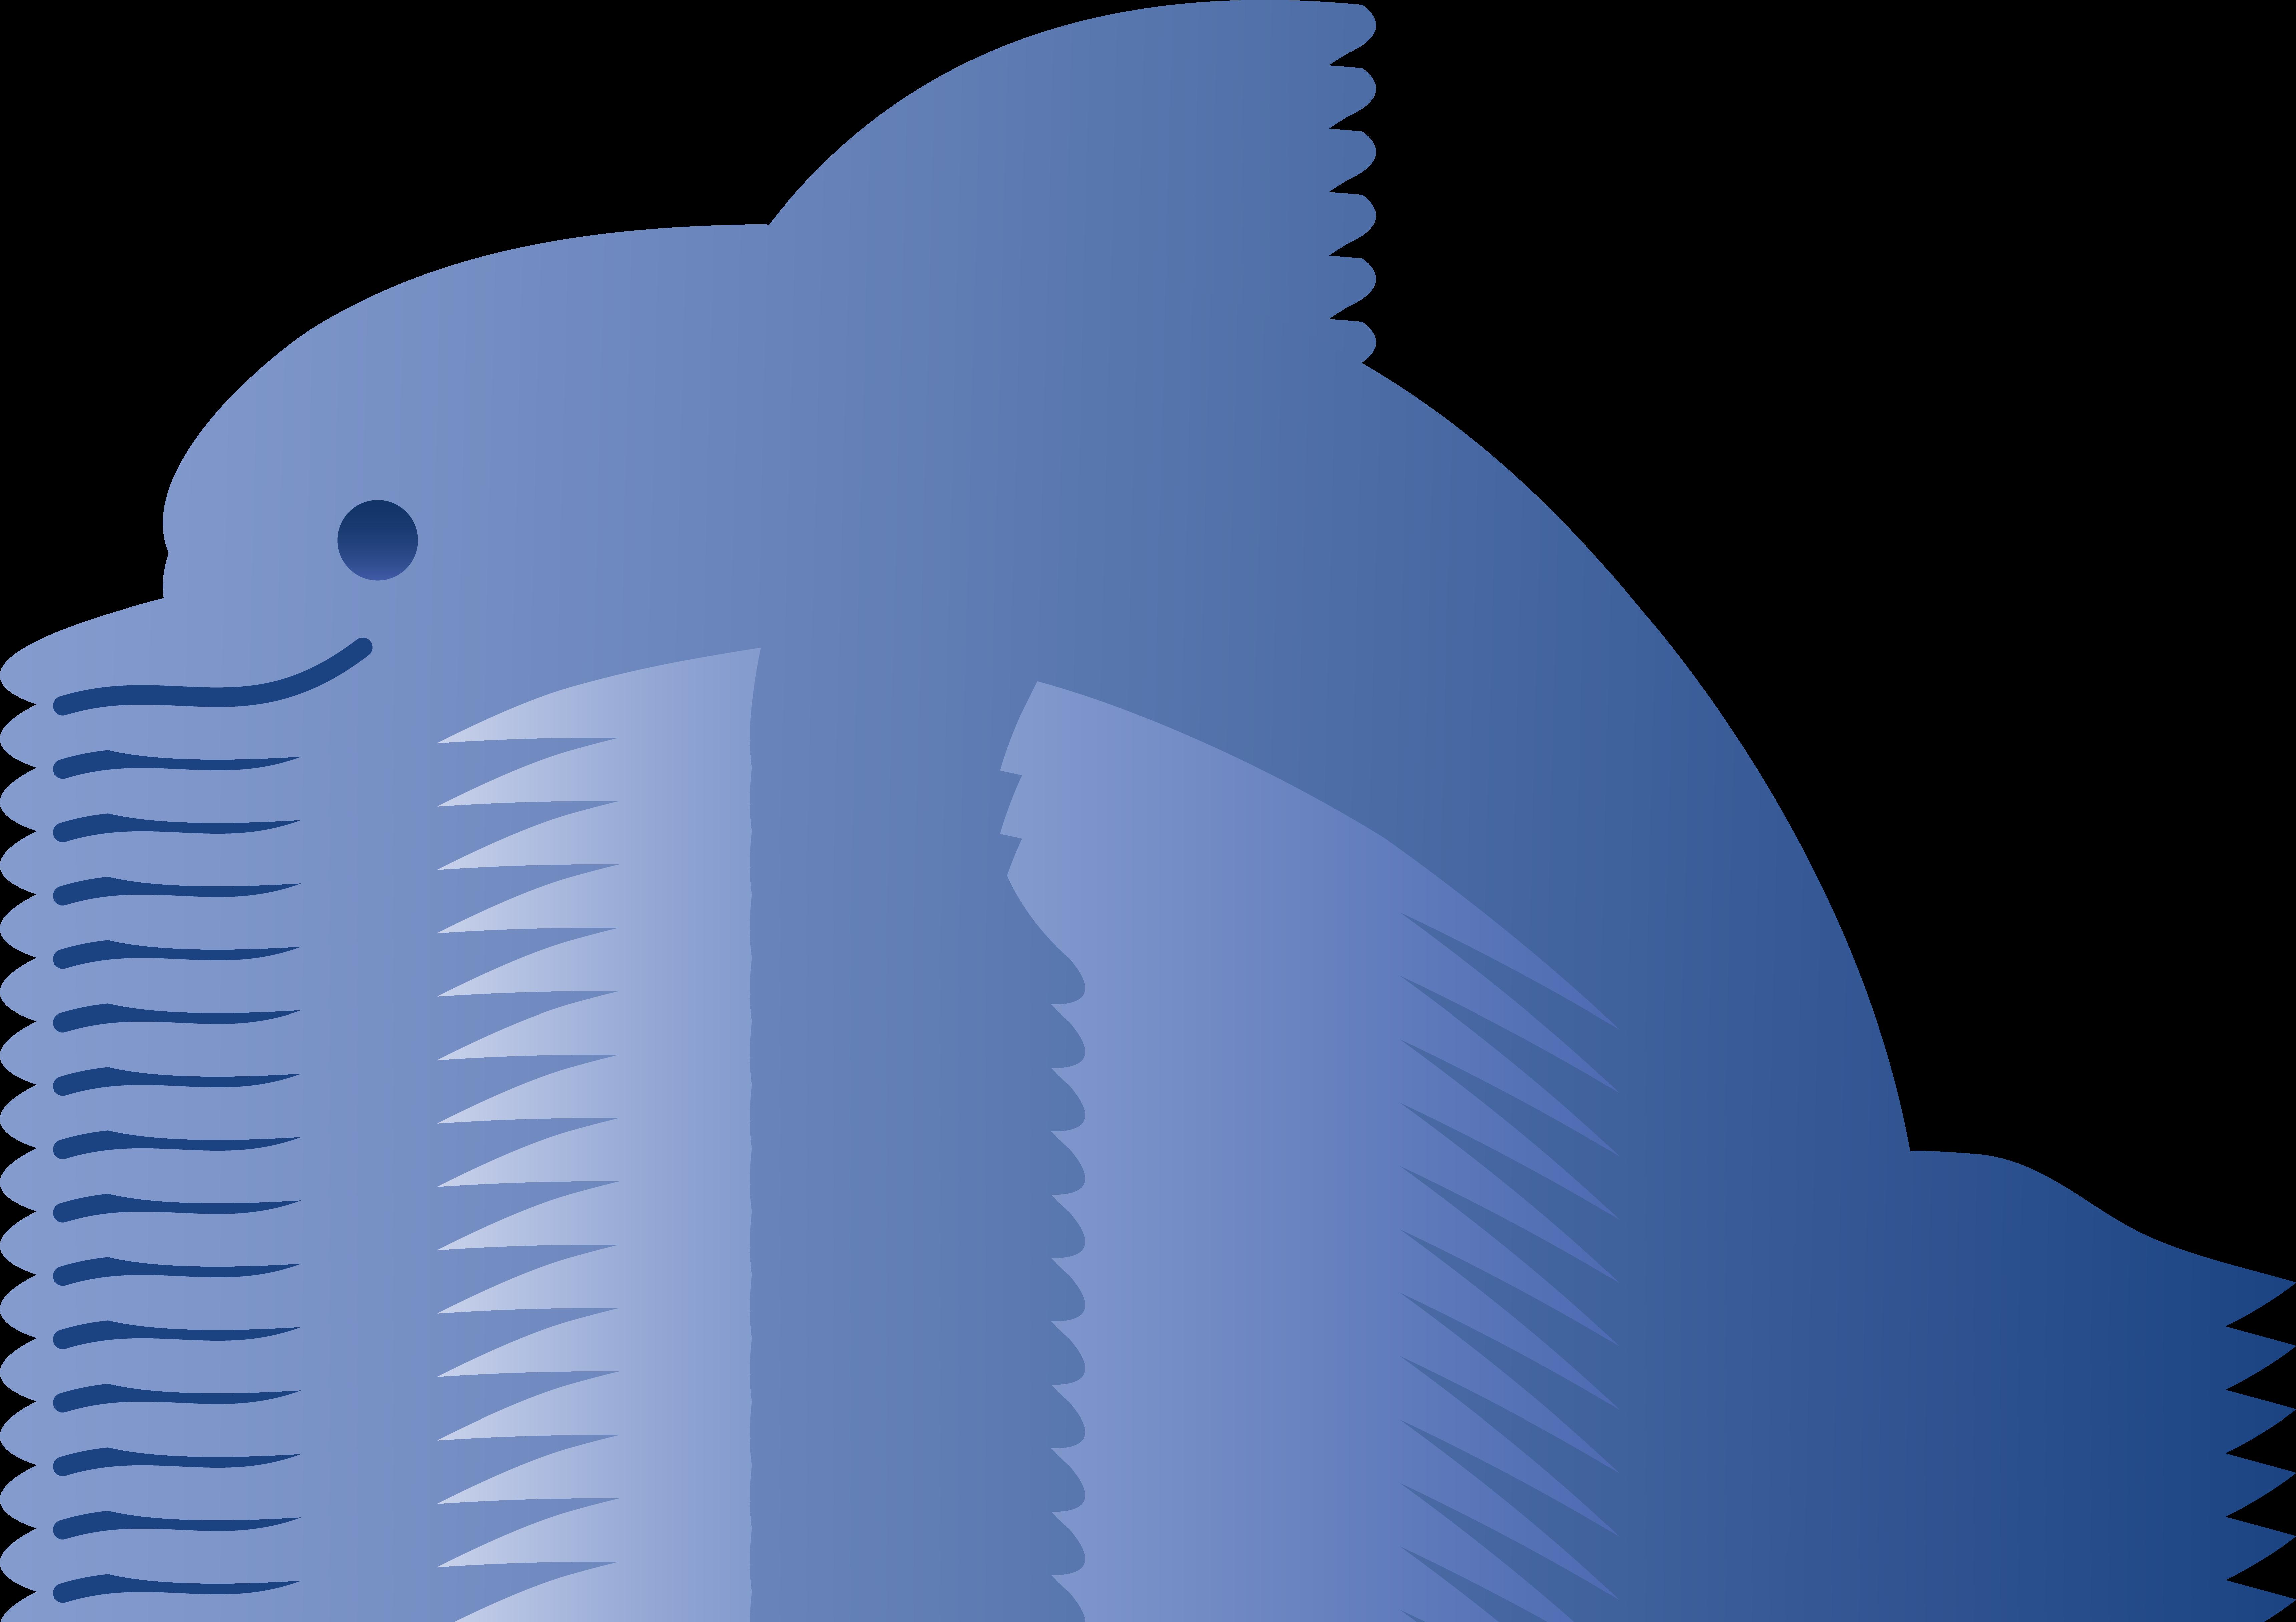 6883x4862 Cute Blue Dolphin